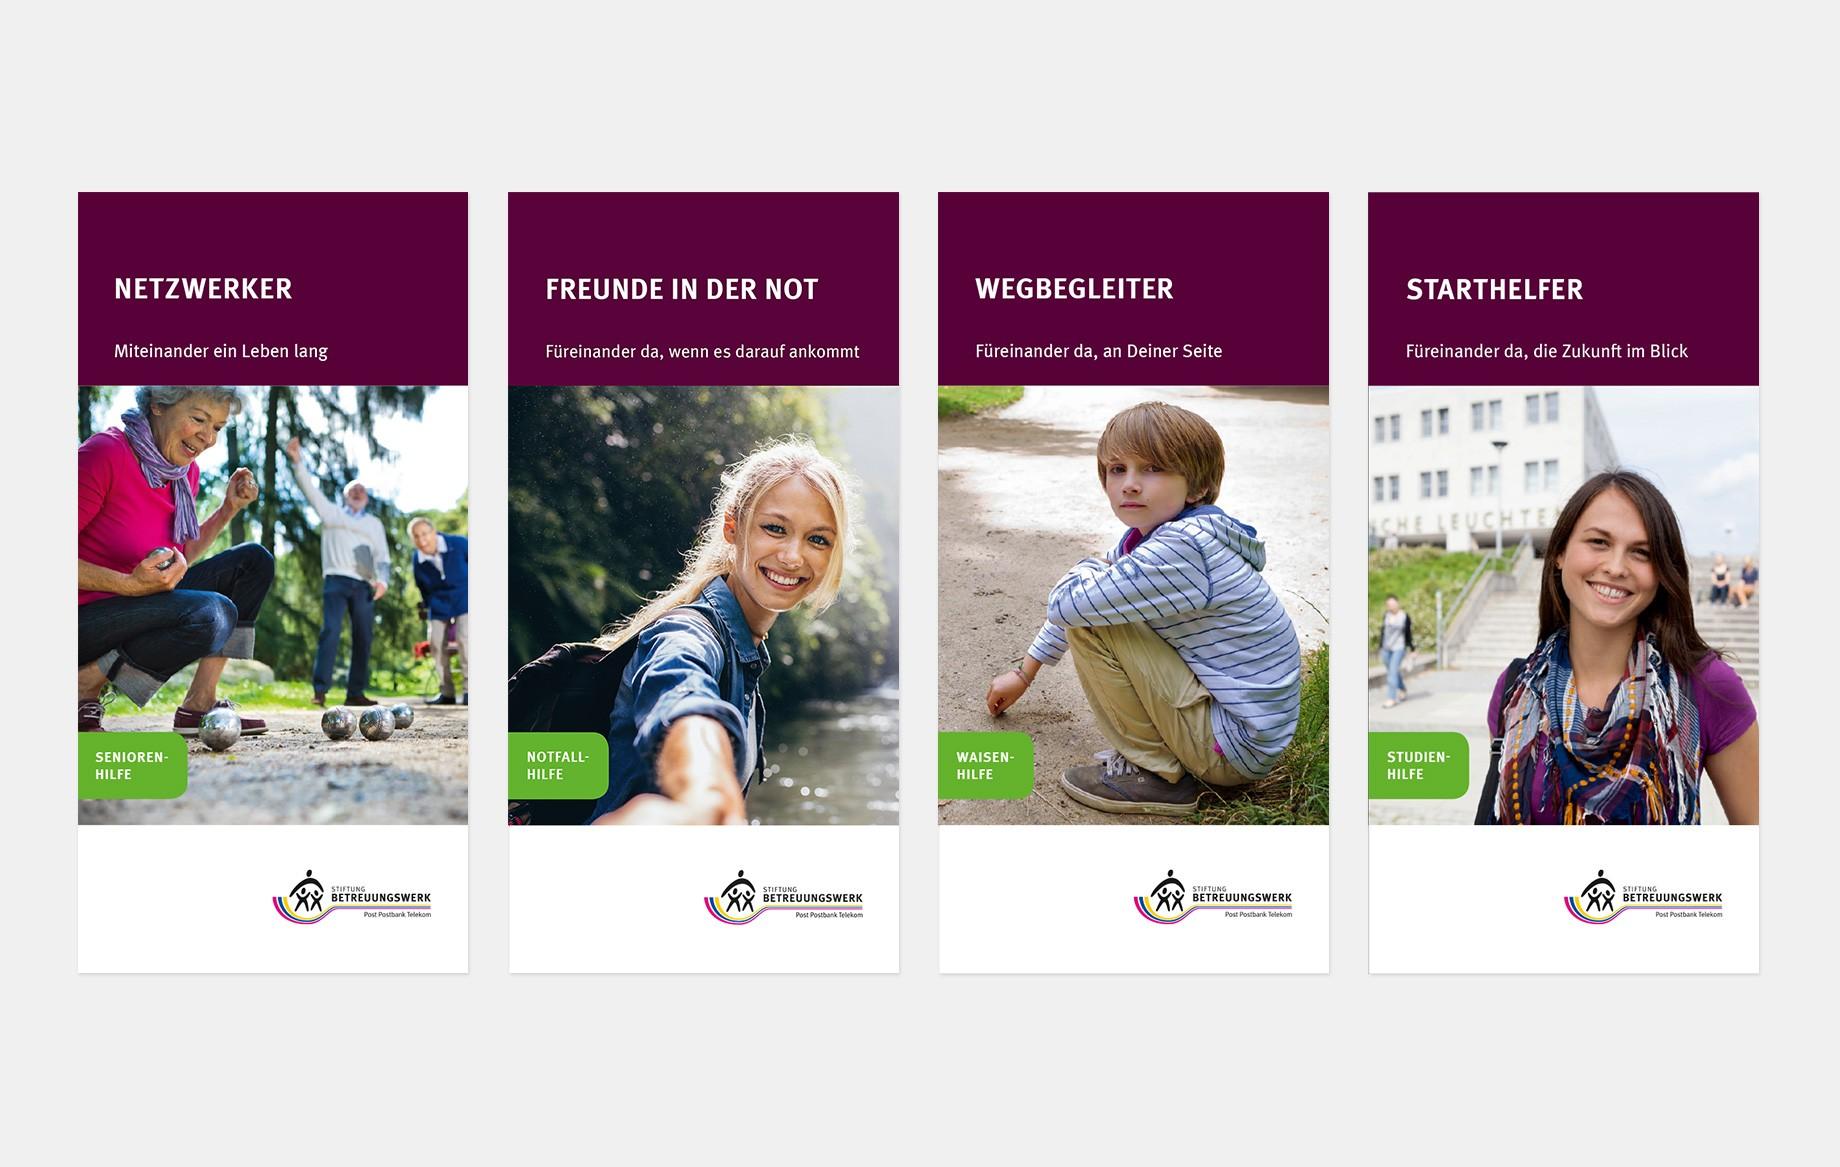 Die Flyer für die verschiedenen Angebote der Stiftung haben eine neue erfrischende Gestaltung und Headlineführung erhalten.